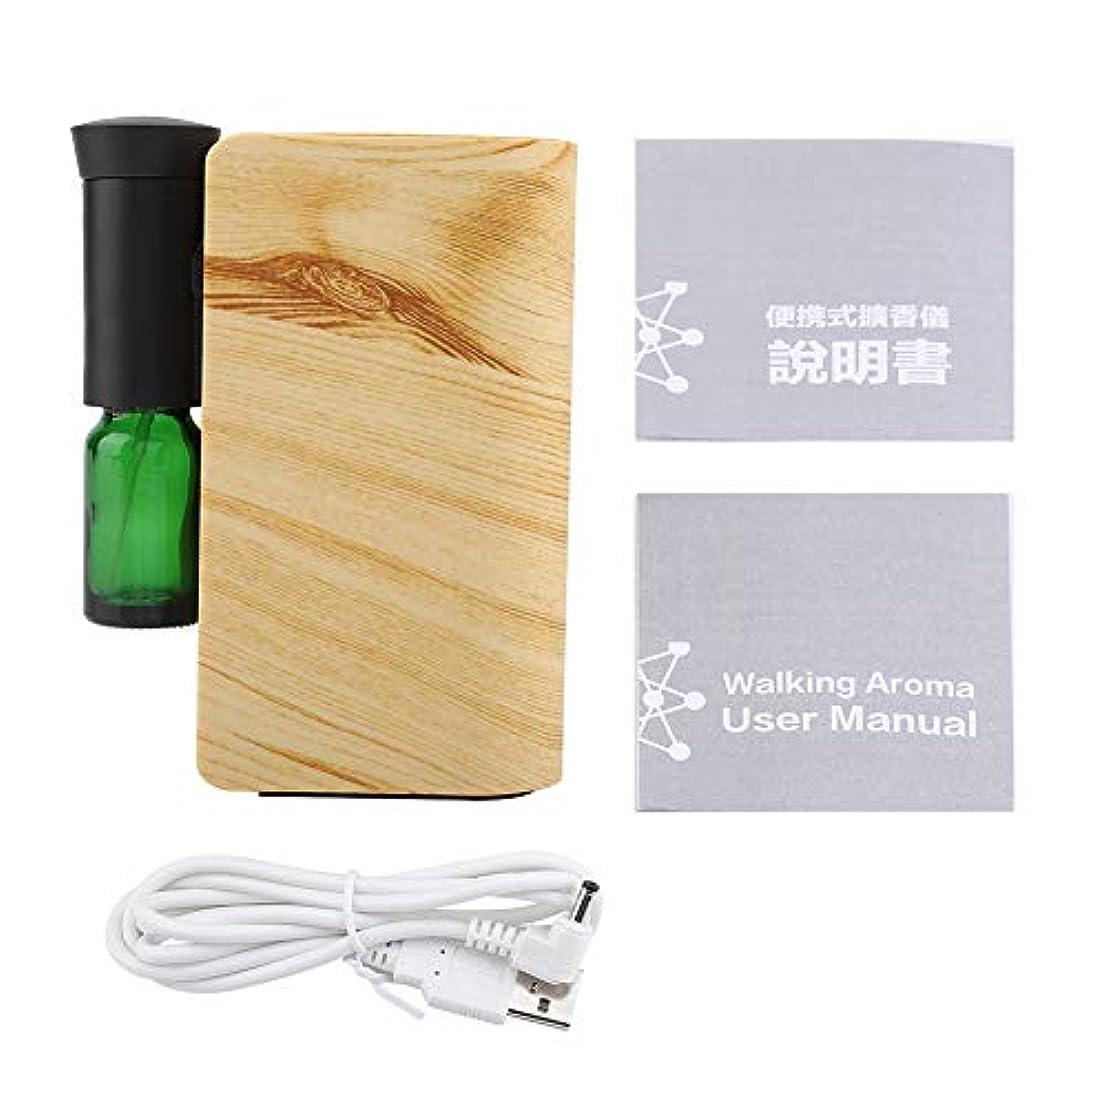 噴火ループワークショップ精油の拡散器、100ML USBの再充電可能な精油機械香りの拡散器の総本店(木材)